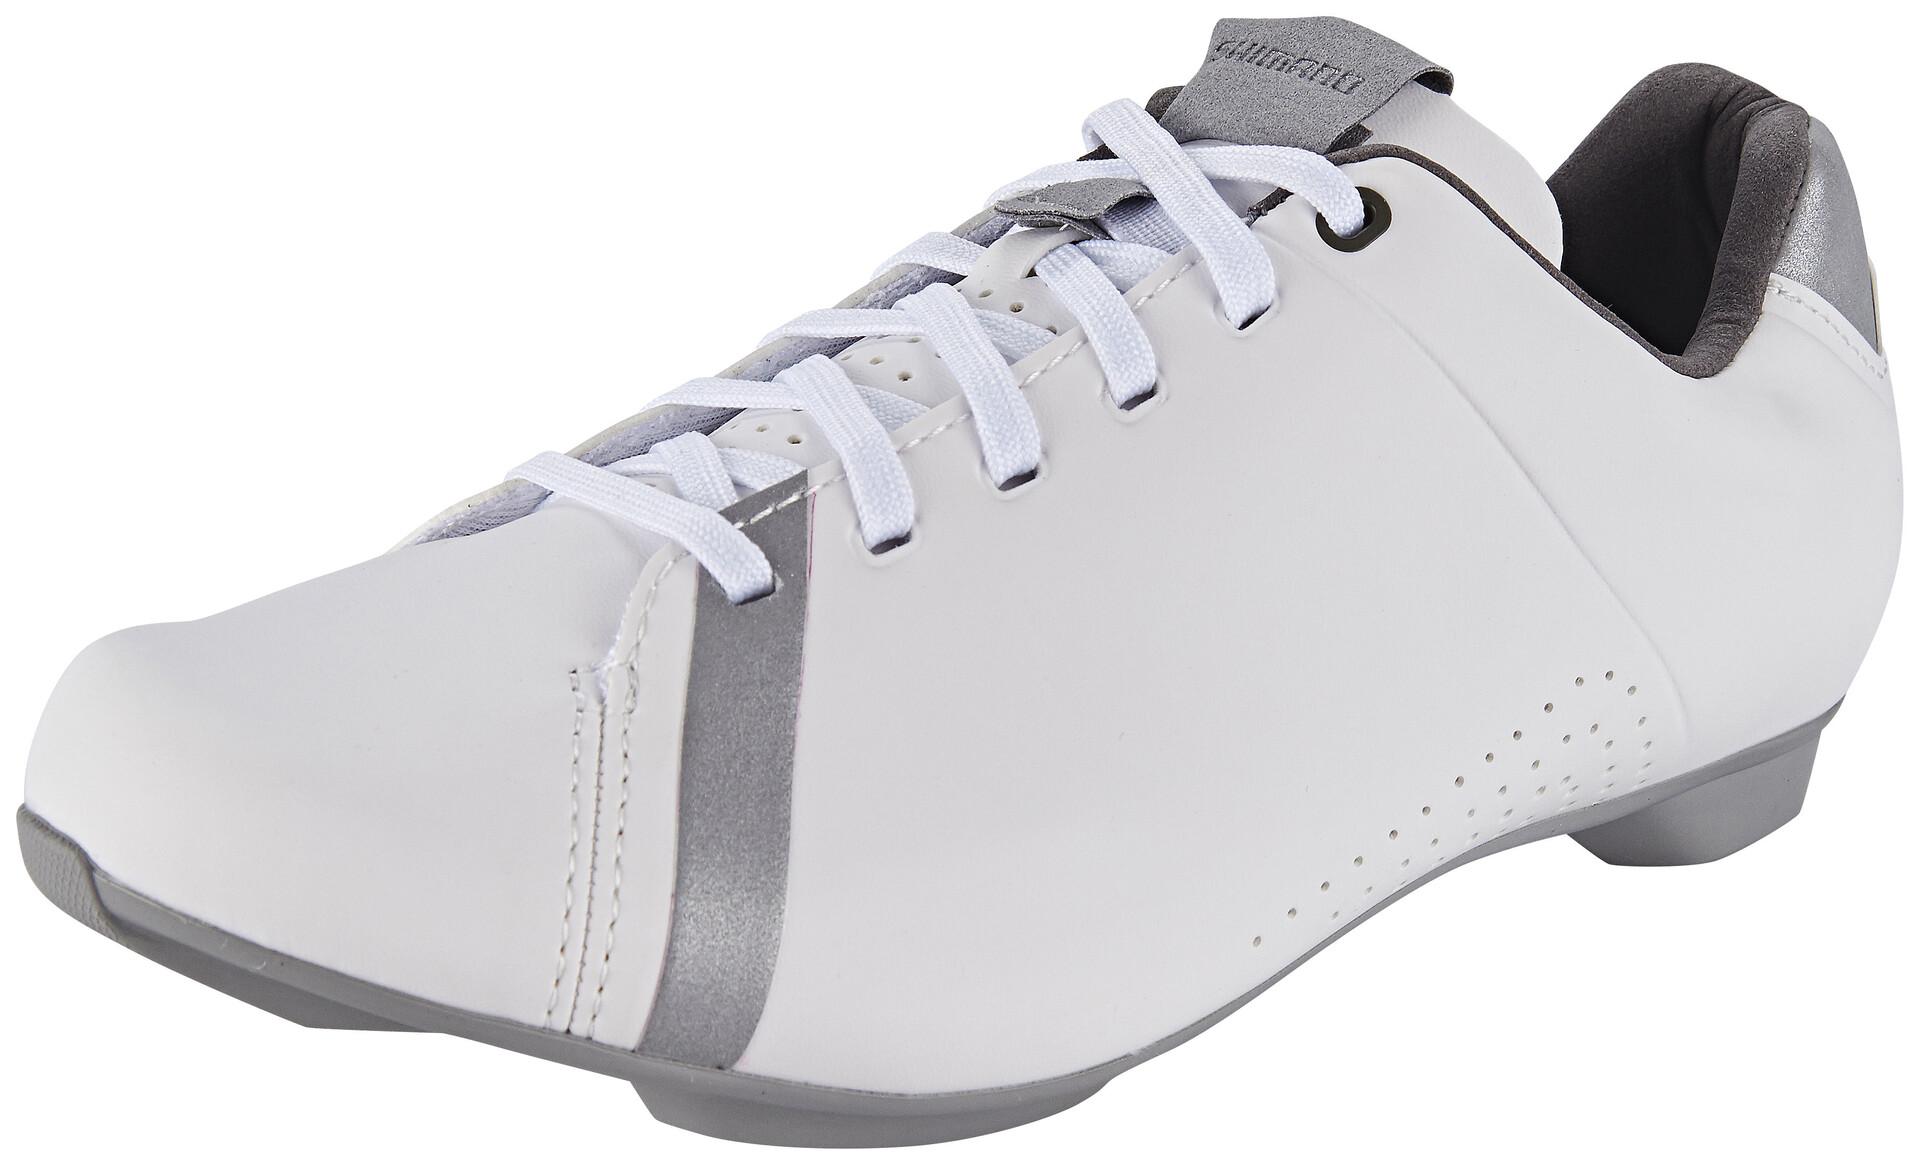 Rt4ww Zapatillas Shimano Blanco Sh Mujer mw8PnOvNy0